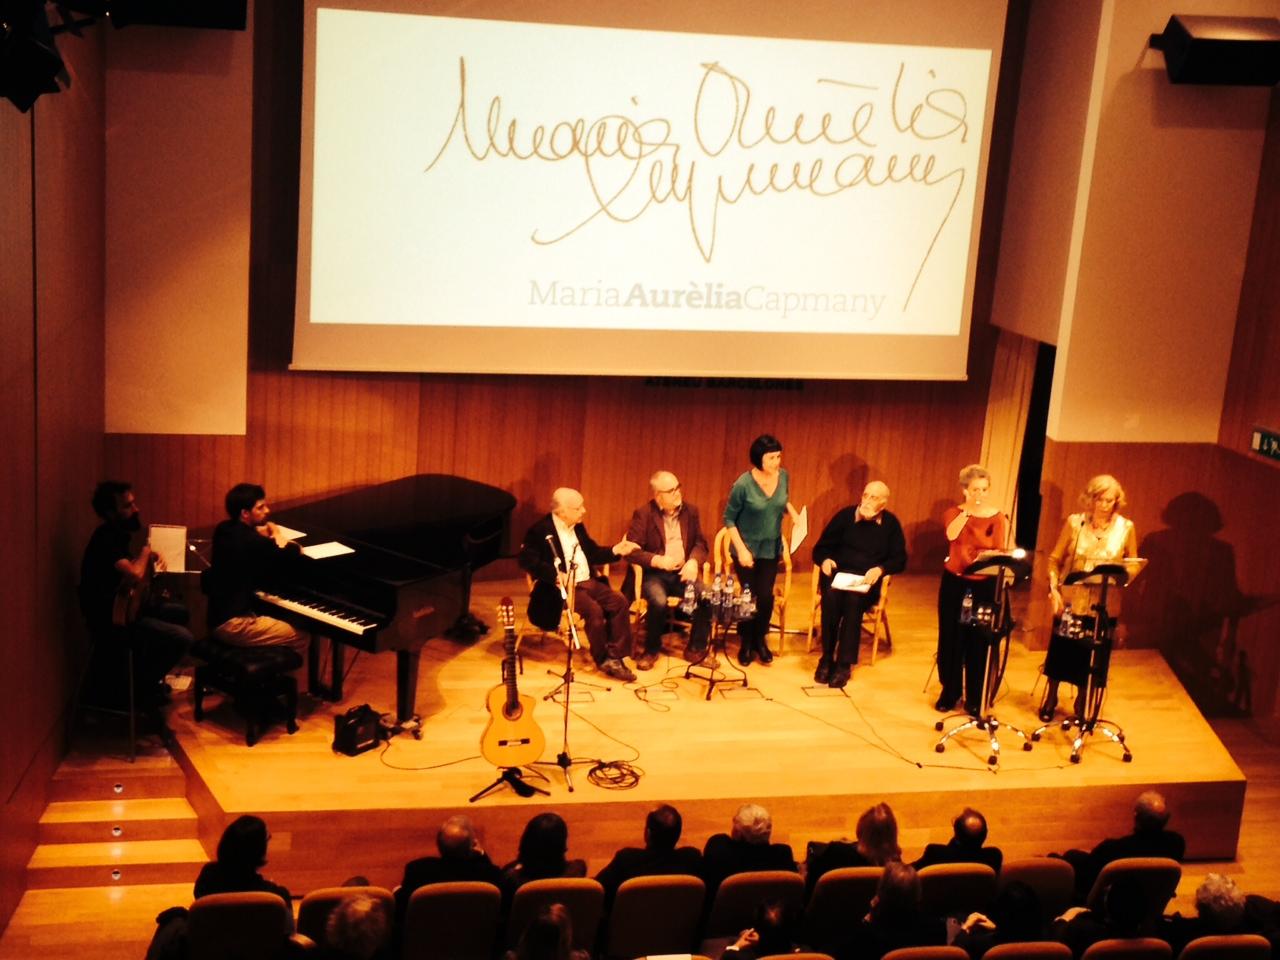 L'Associació d'Amics i Amigues de Maria Aurèlia Capmany, presentada a l'Ateneu